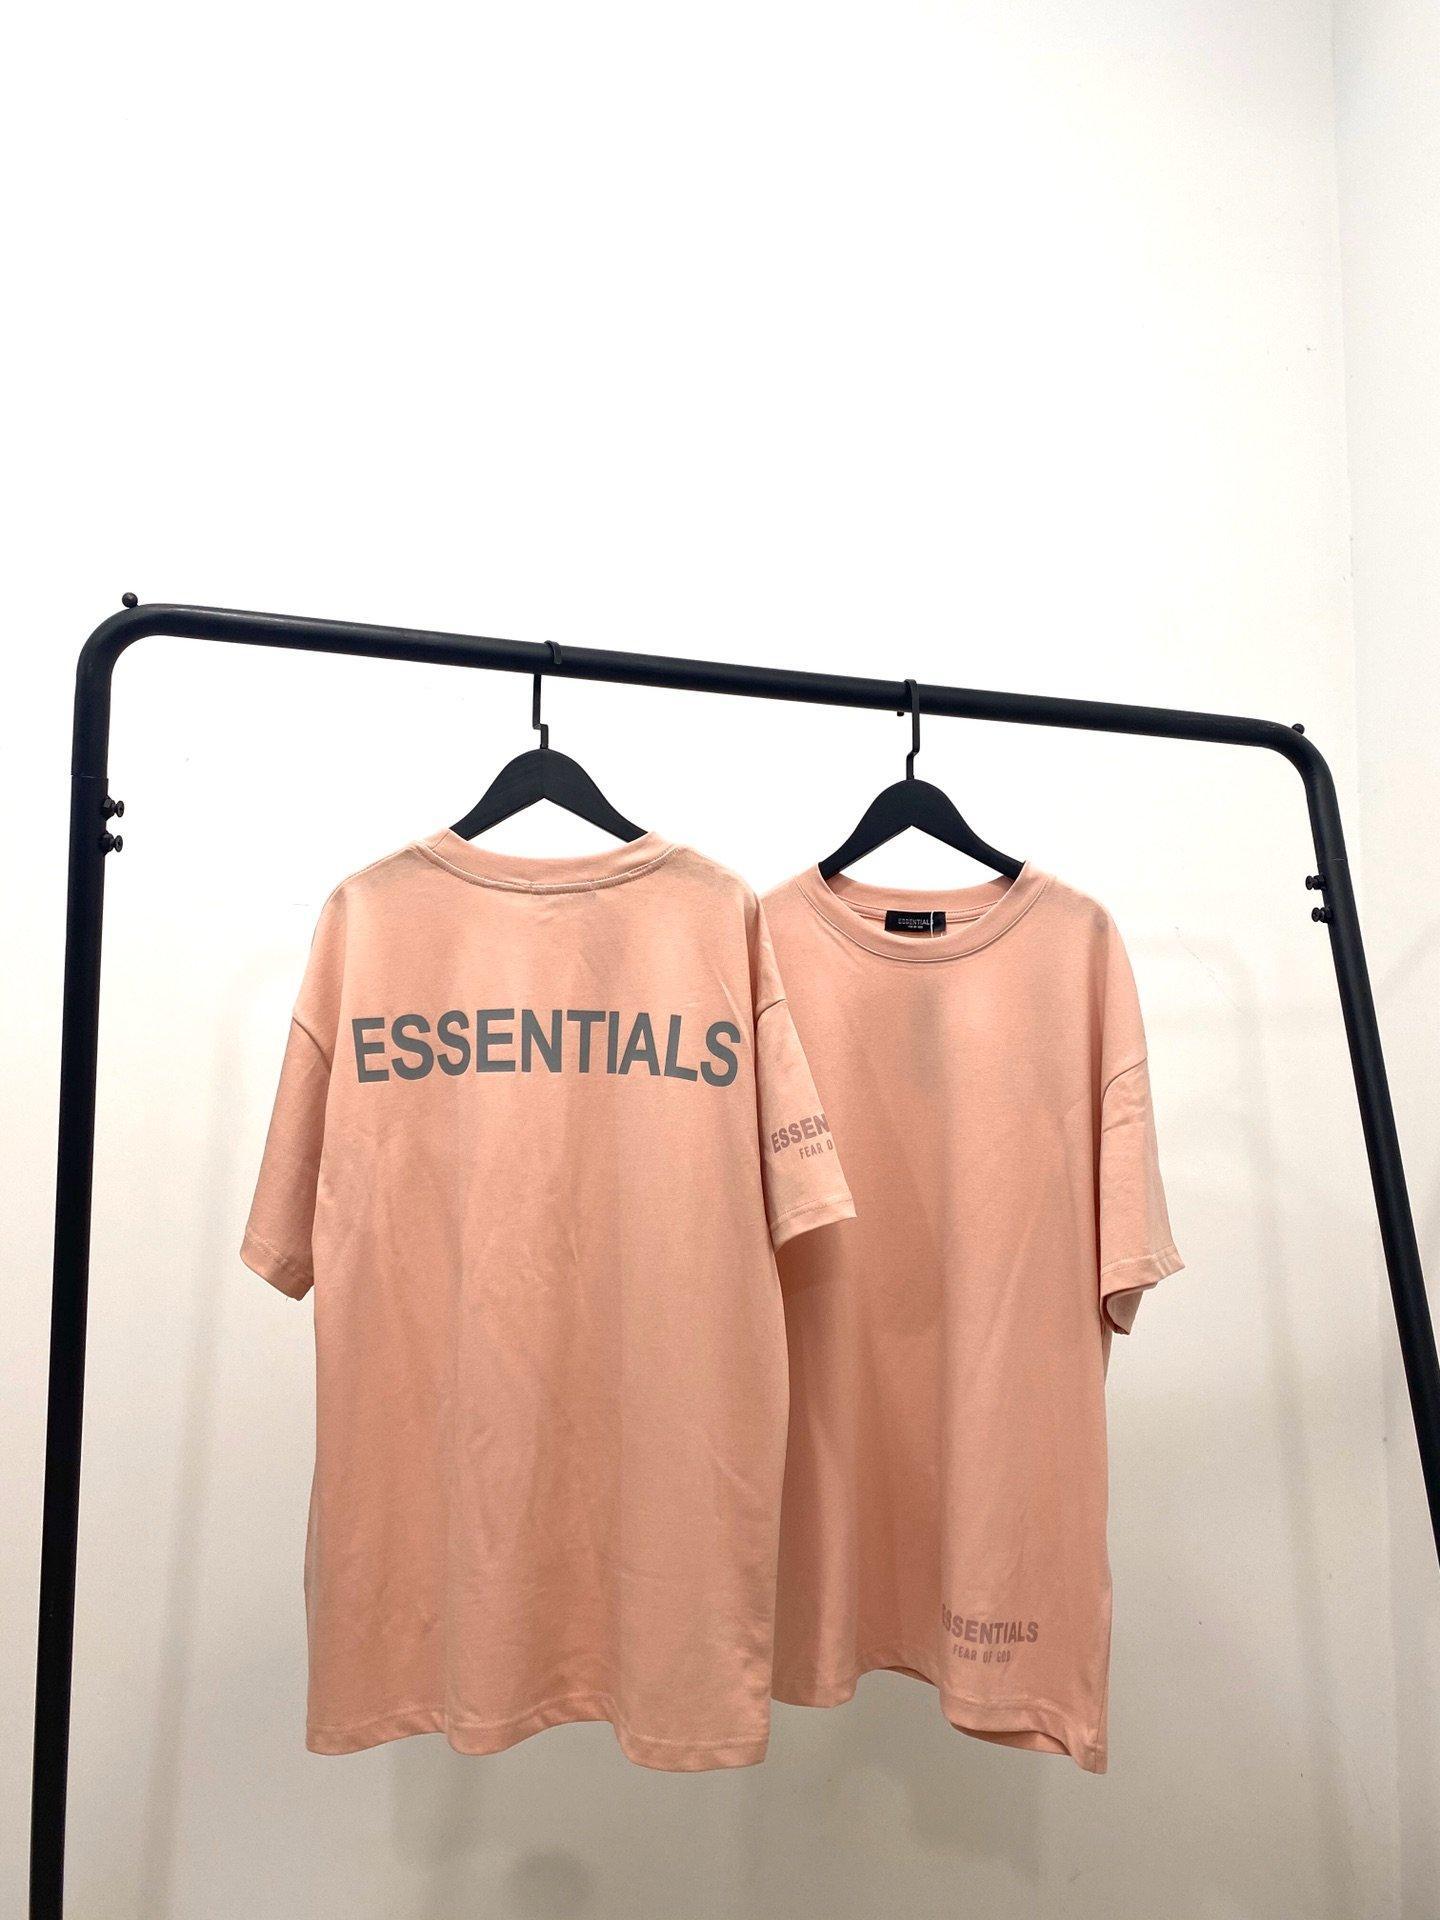 Бесплатная доставка бренд рубашка горячий продавец дизайнер женщины мужская футболка мода повседневная весна лето тройники высокое качество роскошные девушки футболка 20022241Y